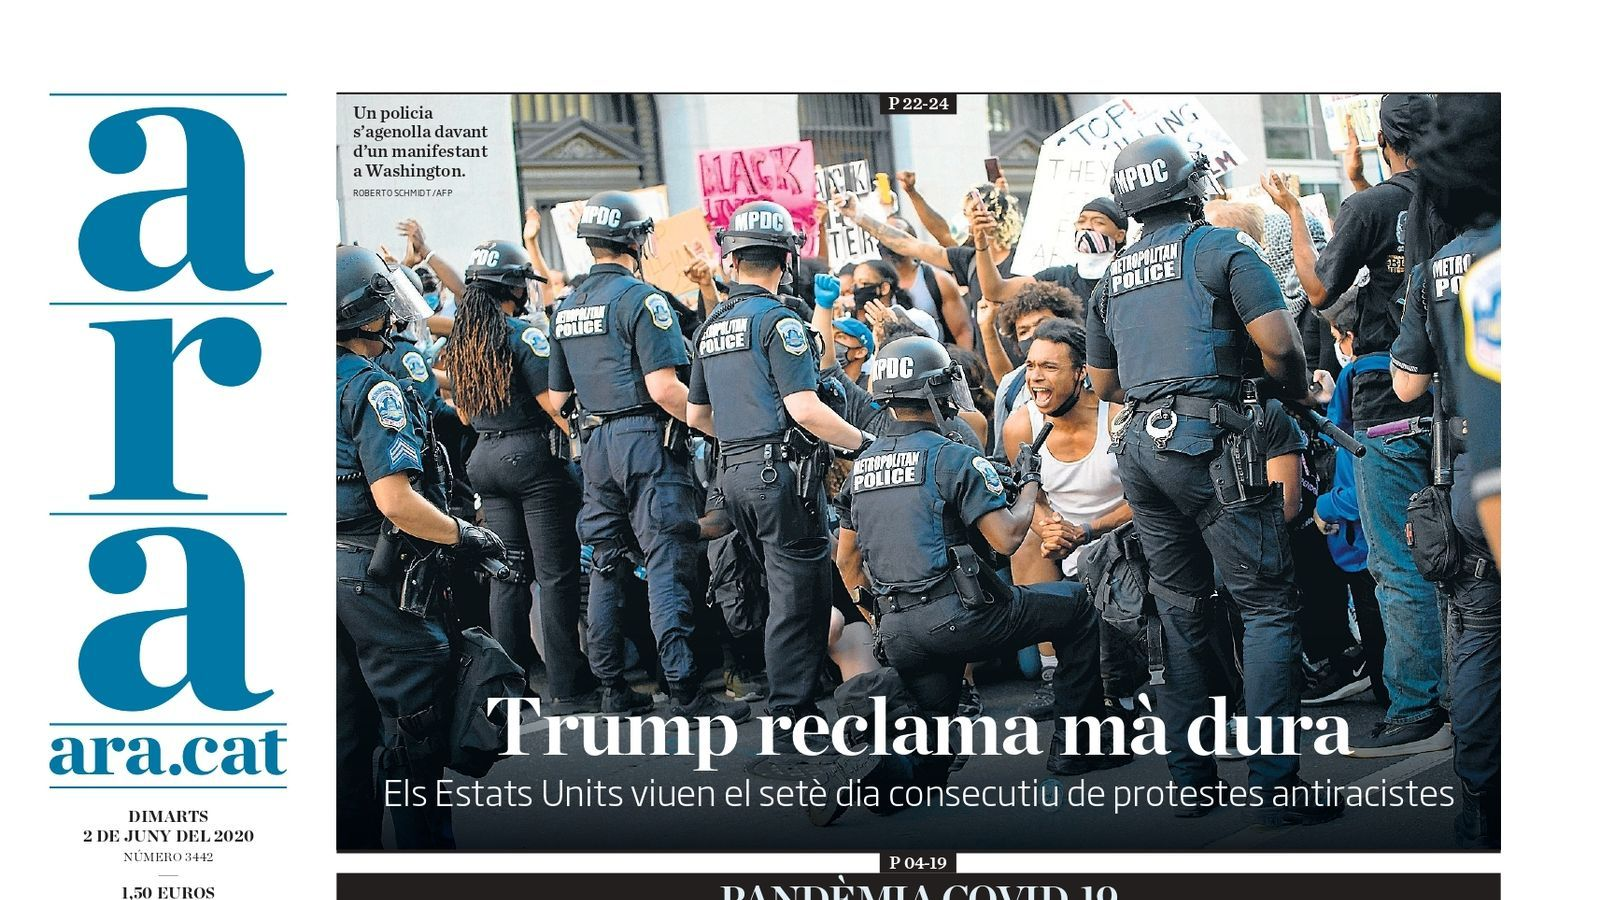 La portada del diari ARA del 2 de juny de 2020